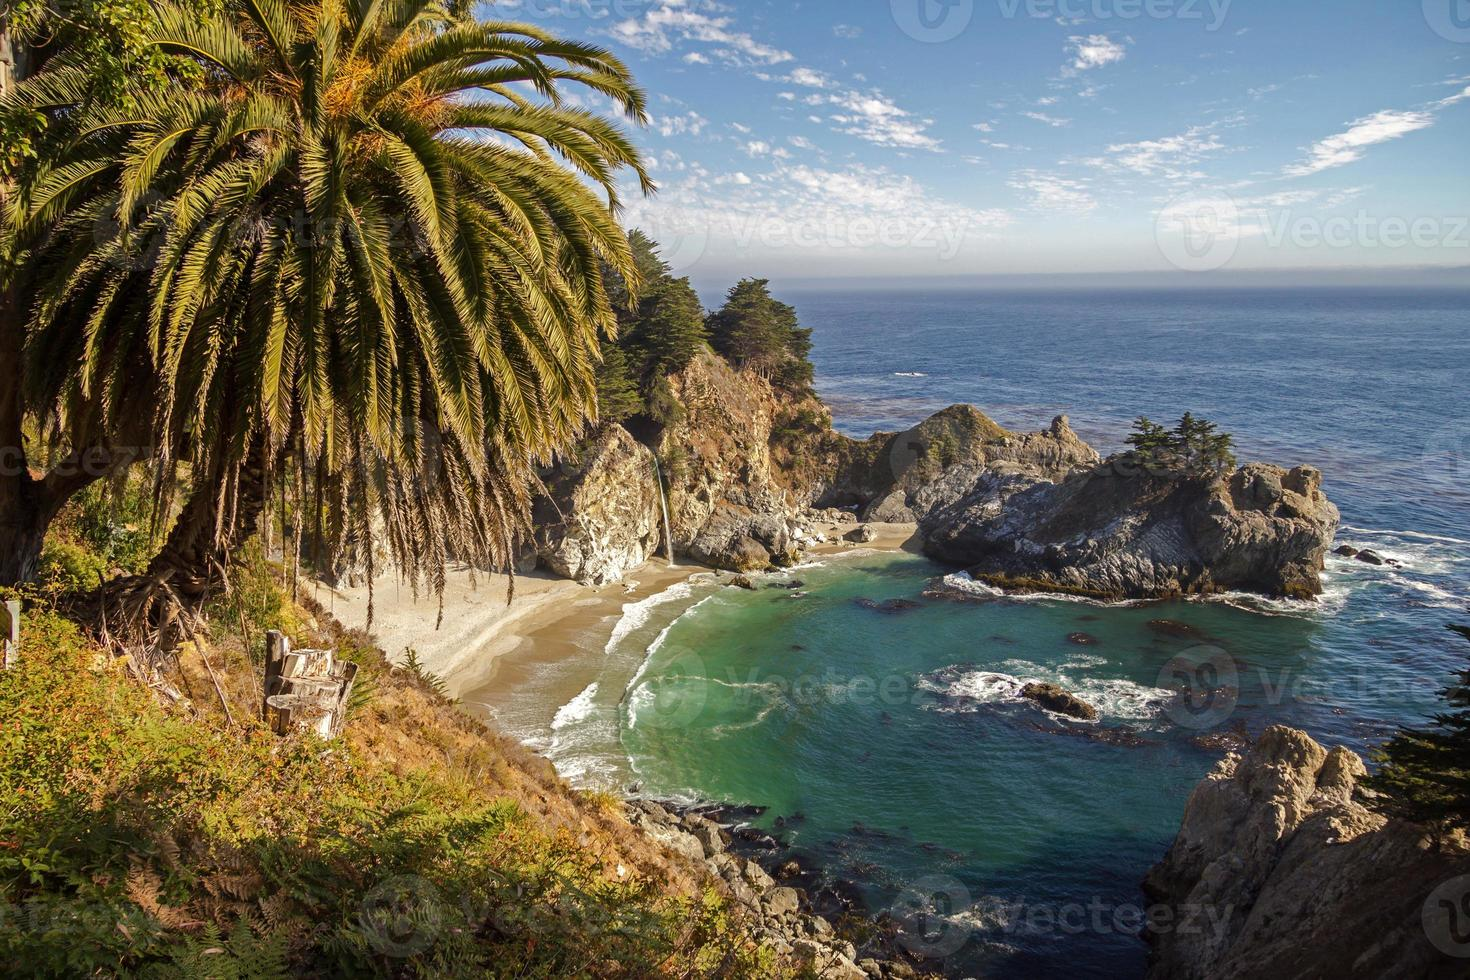 utsikt över bukten med vattenfall vid stora sur, Kalifornien foto